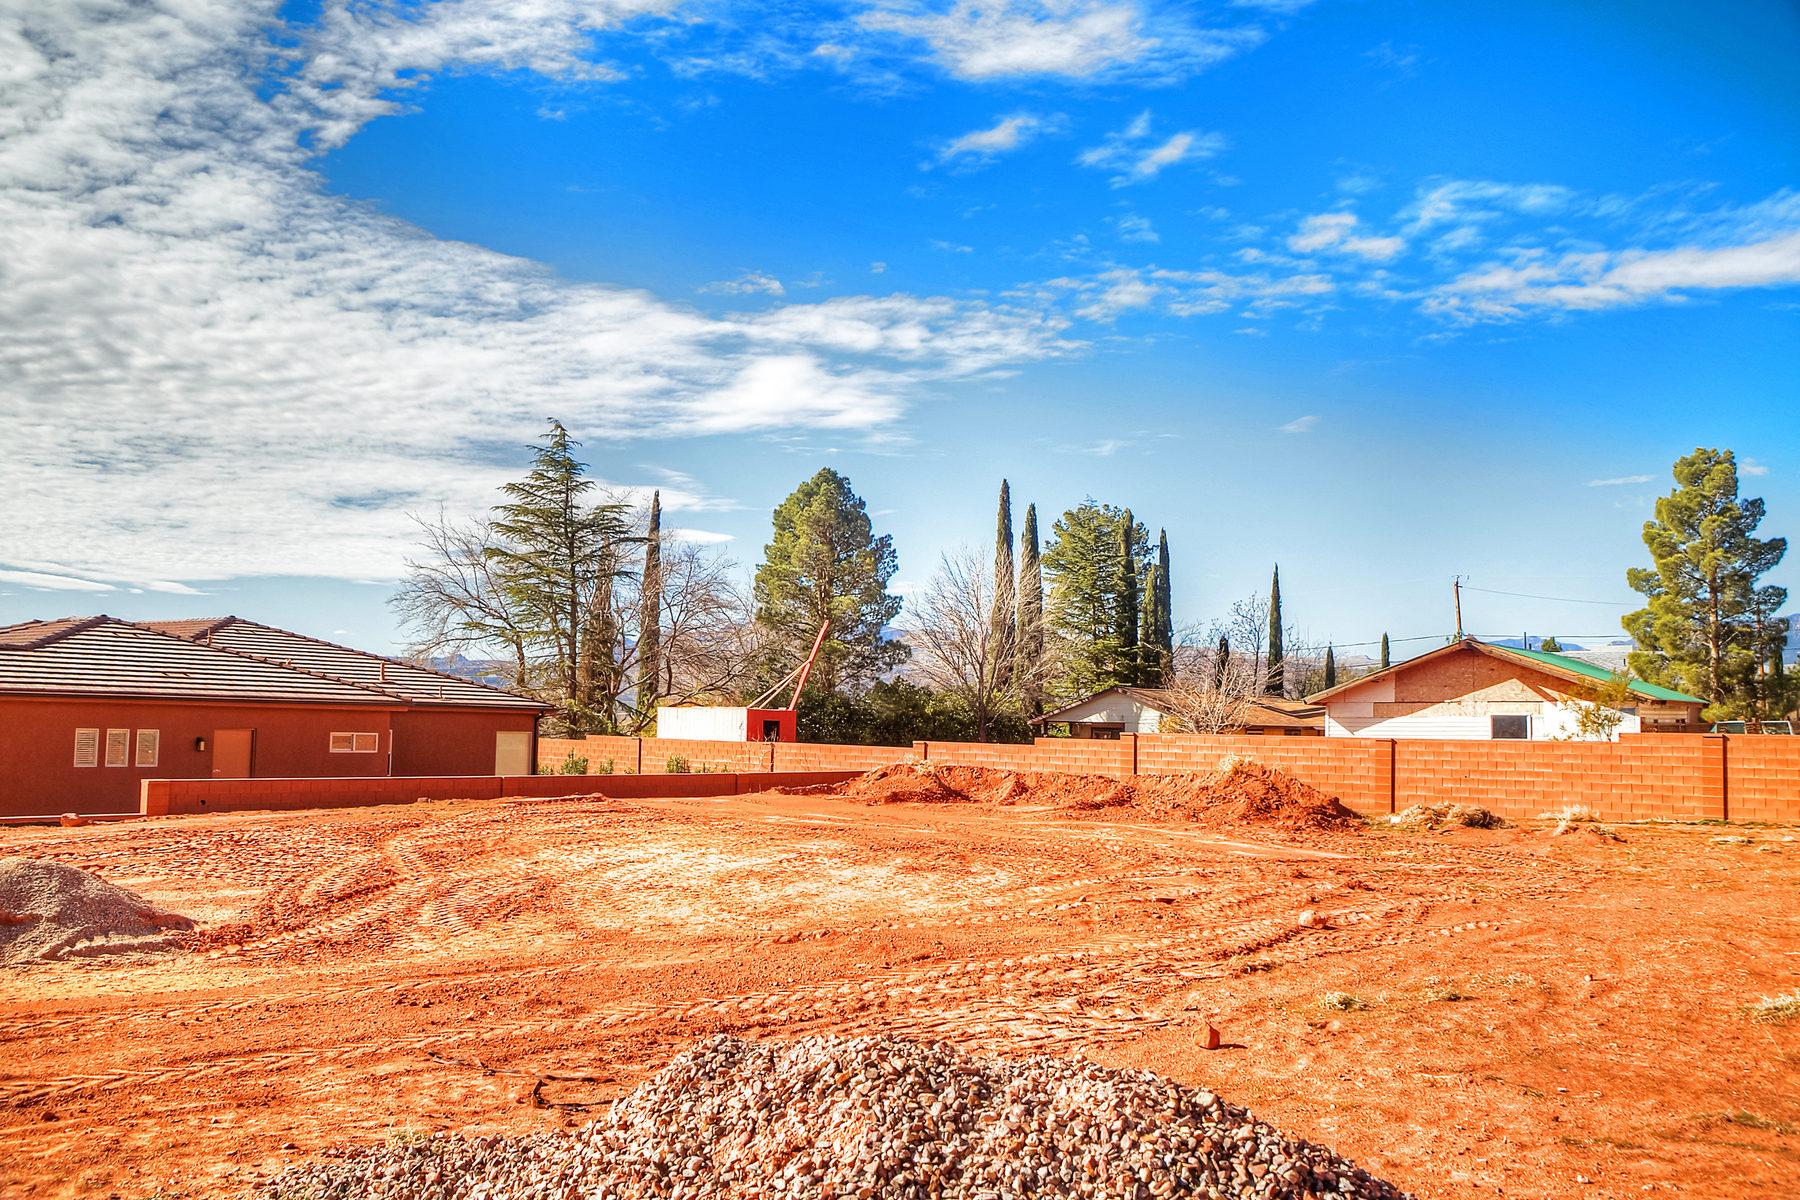 Terreno por un Venta en Red Mountain Estate View lot Lot 27 Red Mountain Estates Ivins, Utah 84738 Estados Unidos